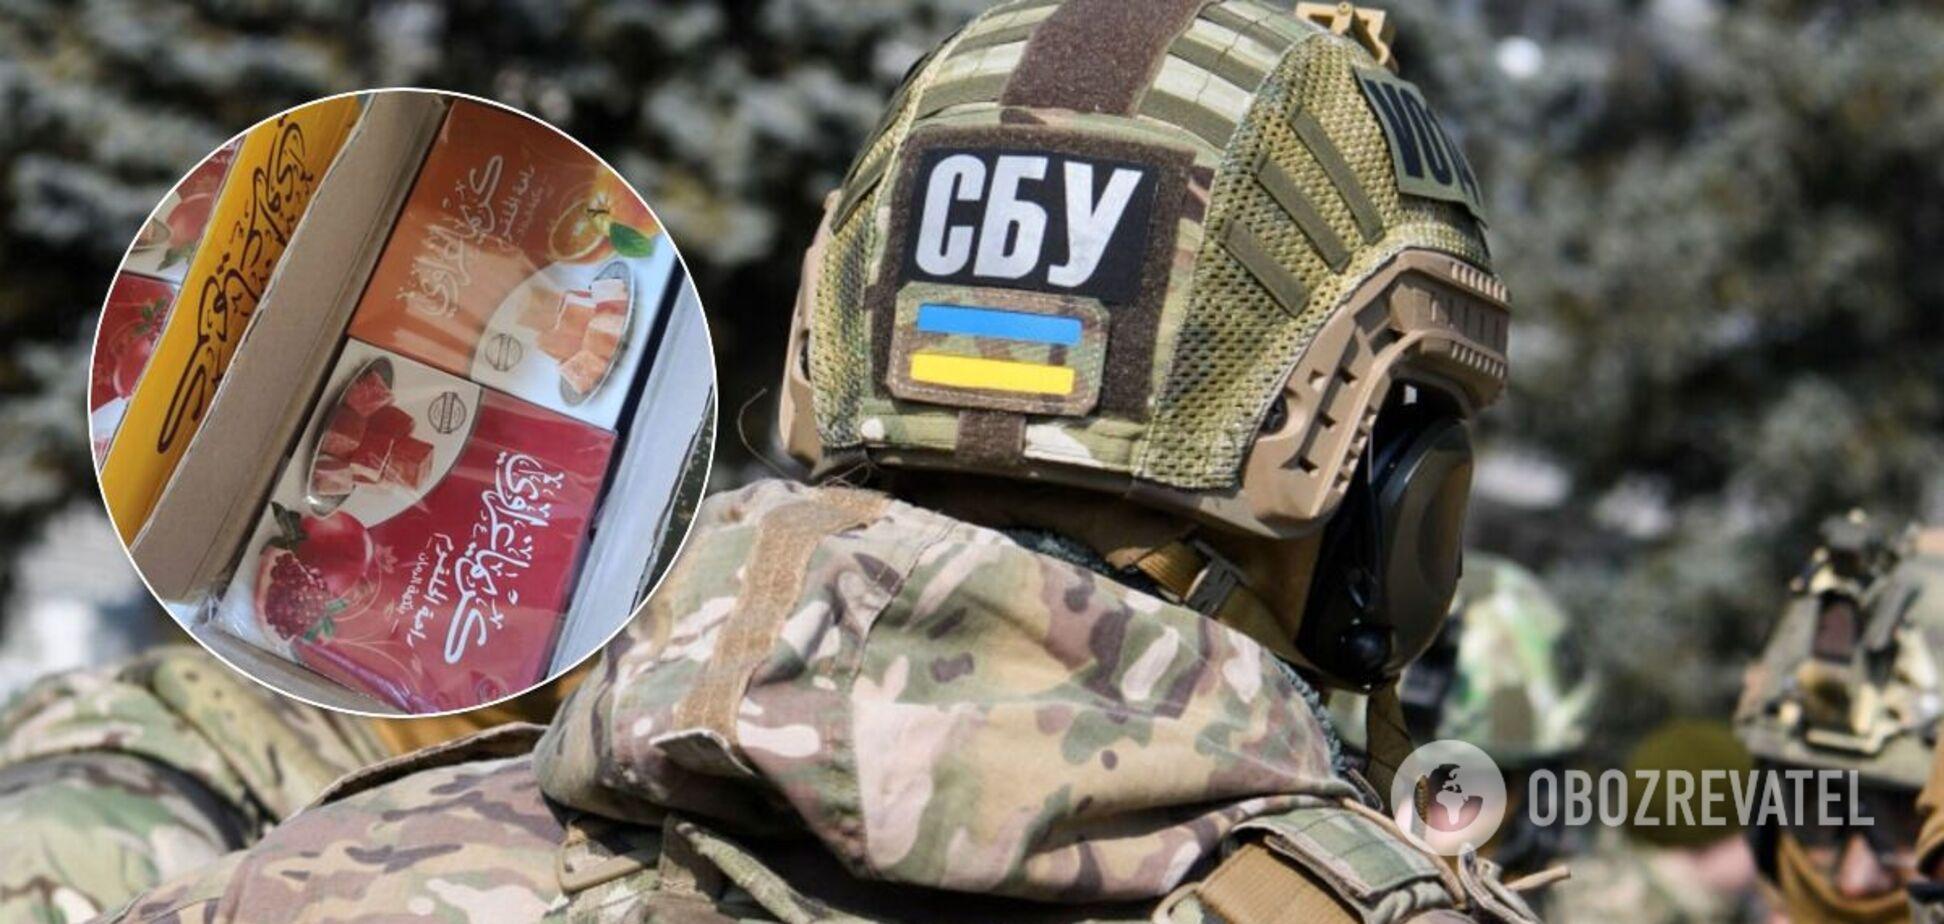 СБУ затримала в Одесі наркоділків